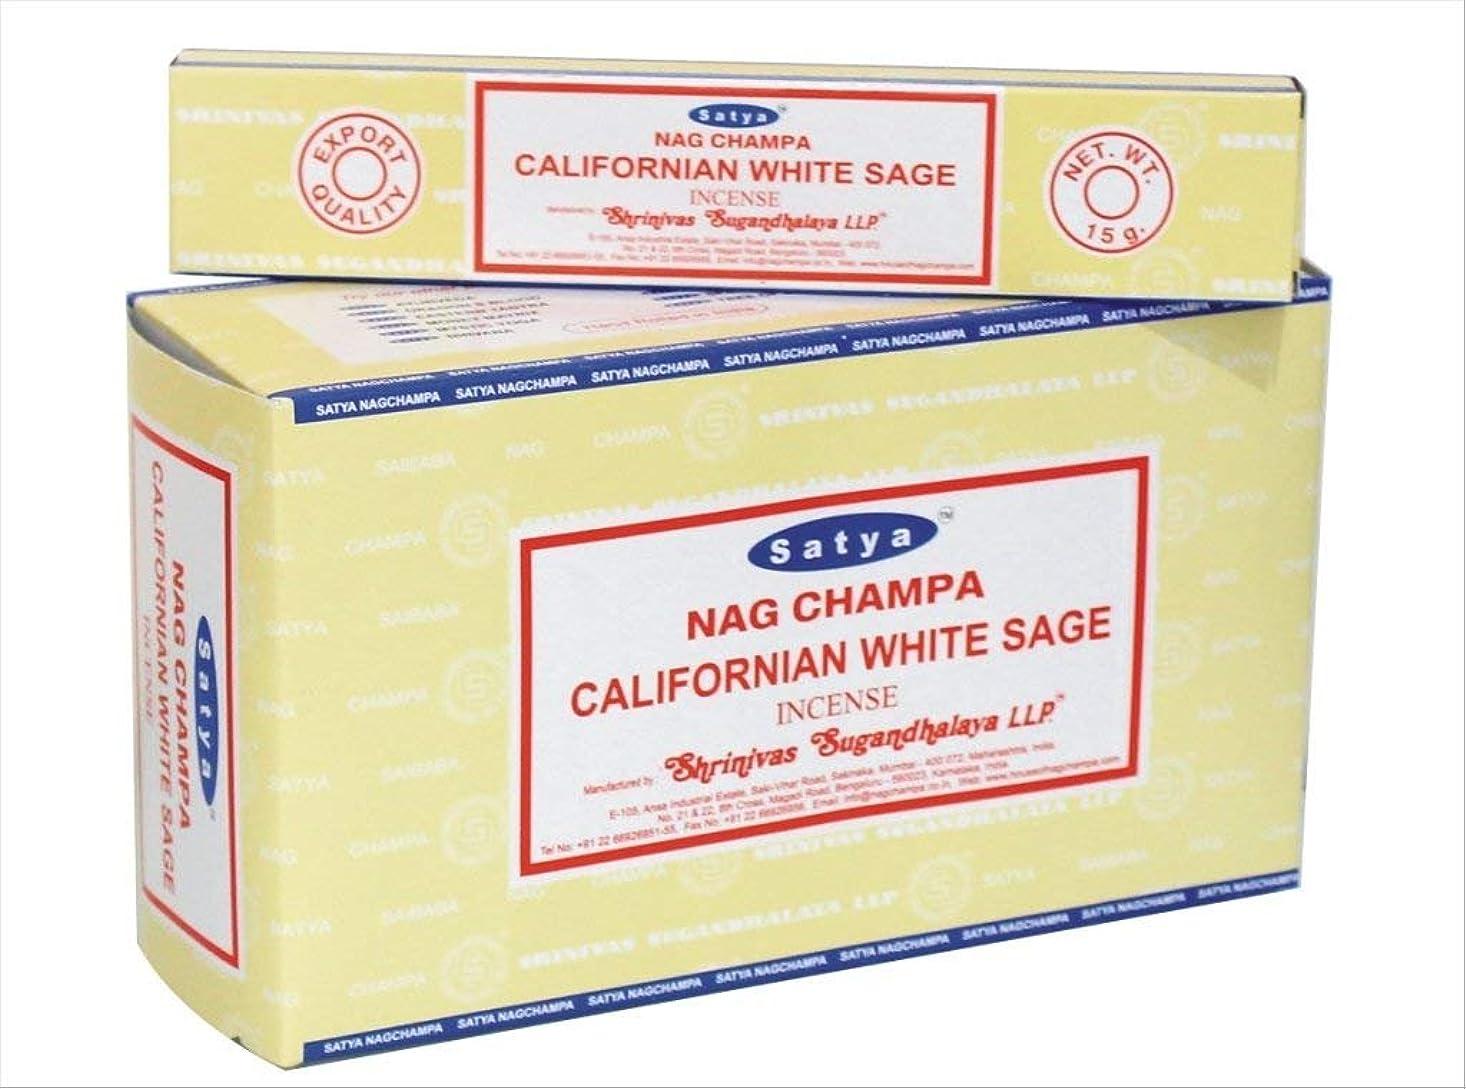 アライメント調整可能かんたんchi-city Mall Satya Nag Champa Californianホワイトセージお香|署名Fragrance | Net Wt : 15?g x 12ボックス= 180?g | Exclusivelyインド製|エクスポート品質| handrolled非毒性Incense